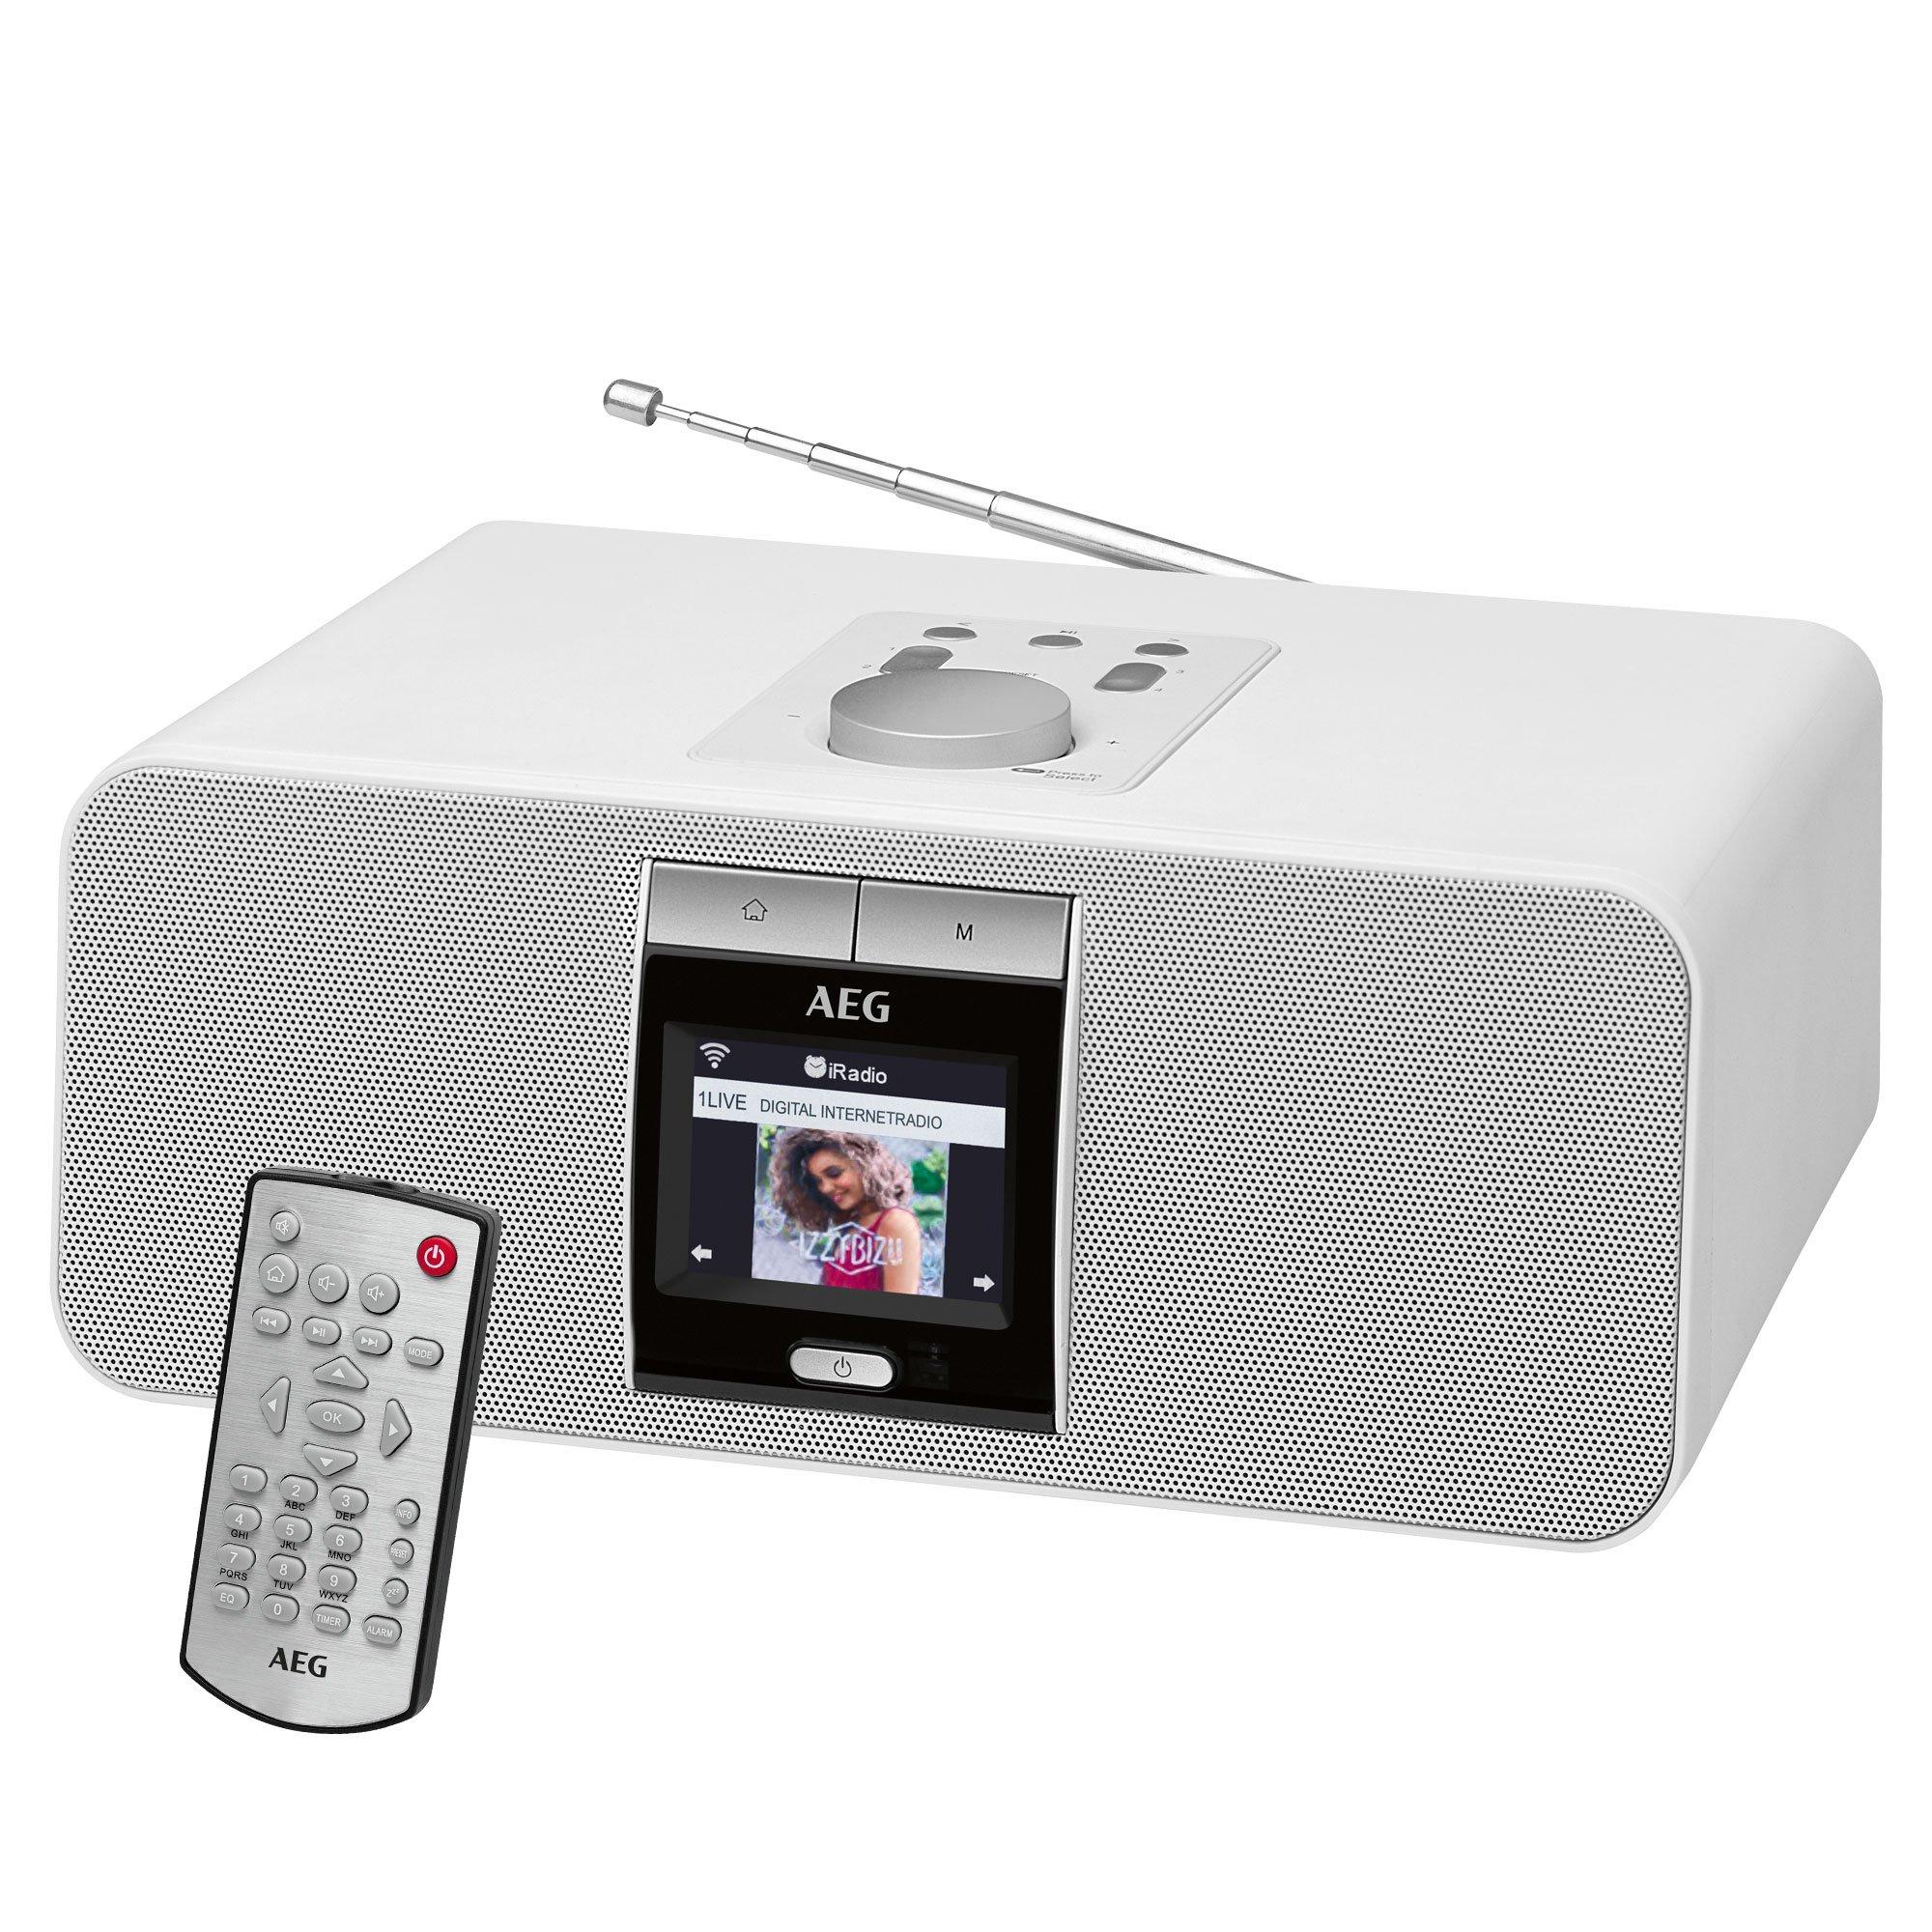 AEG IR 4468 BT - Radio con Internet, Bluetooth y USB product image